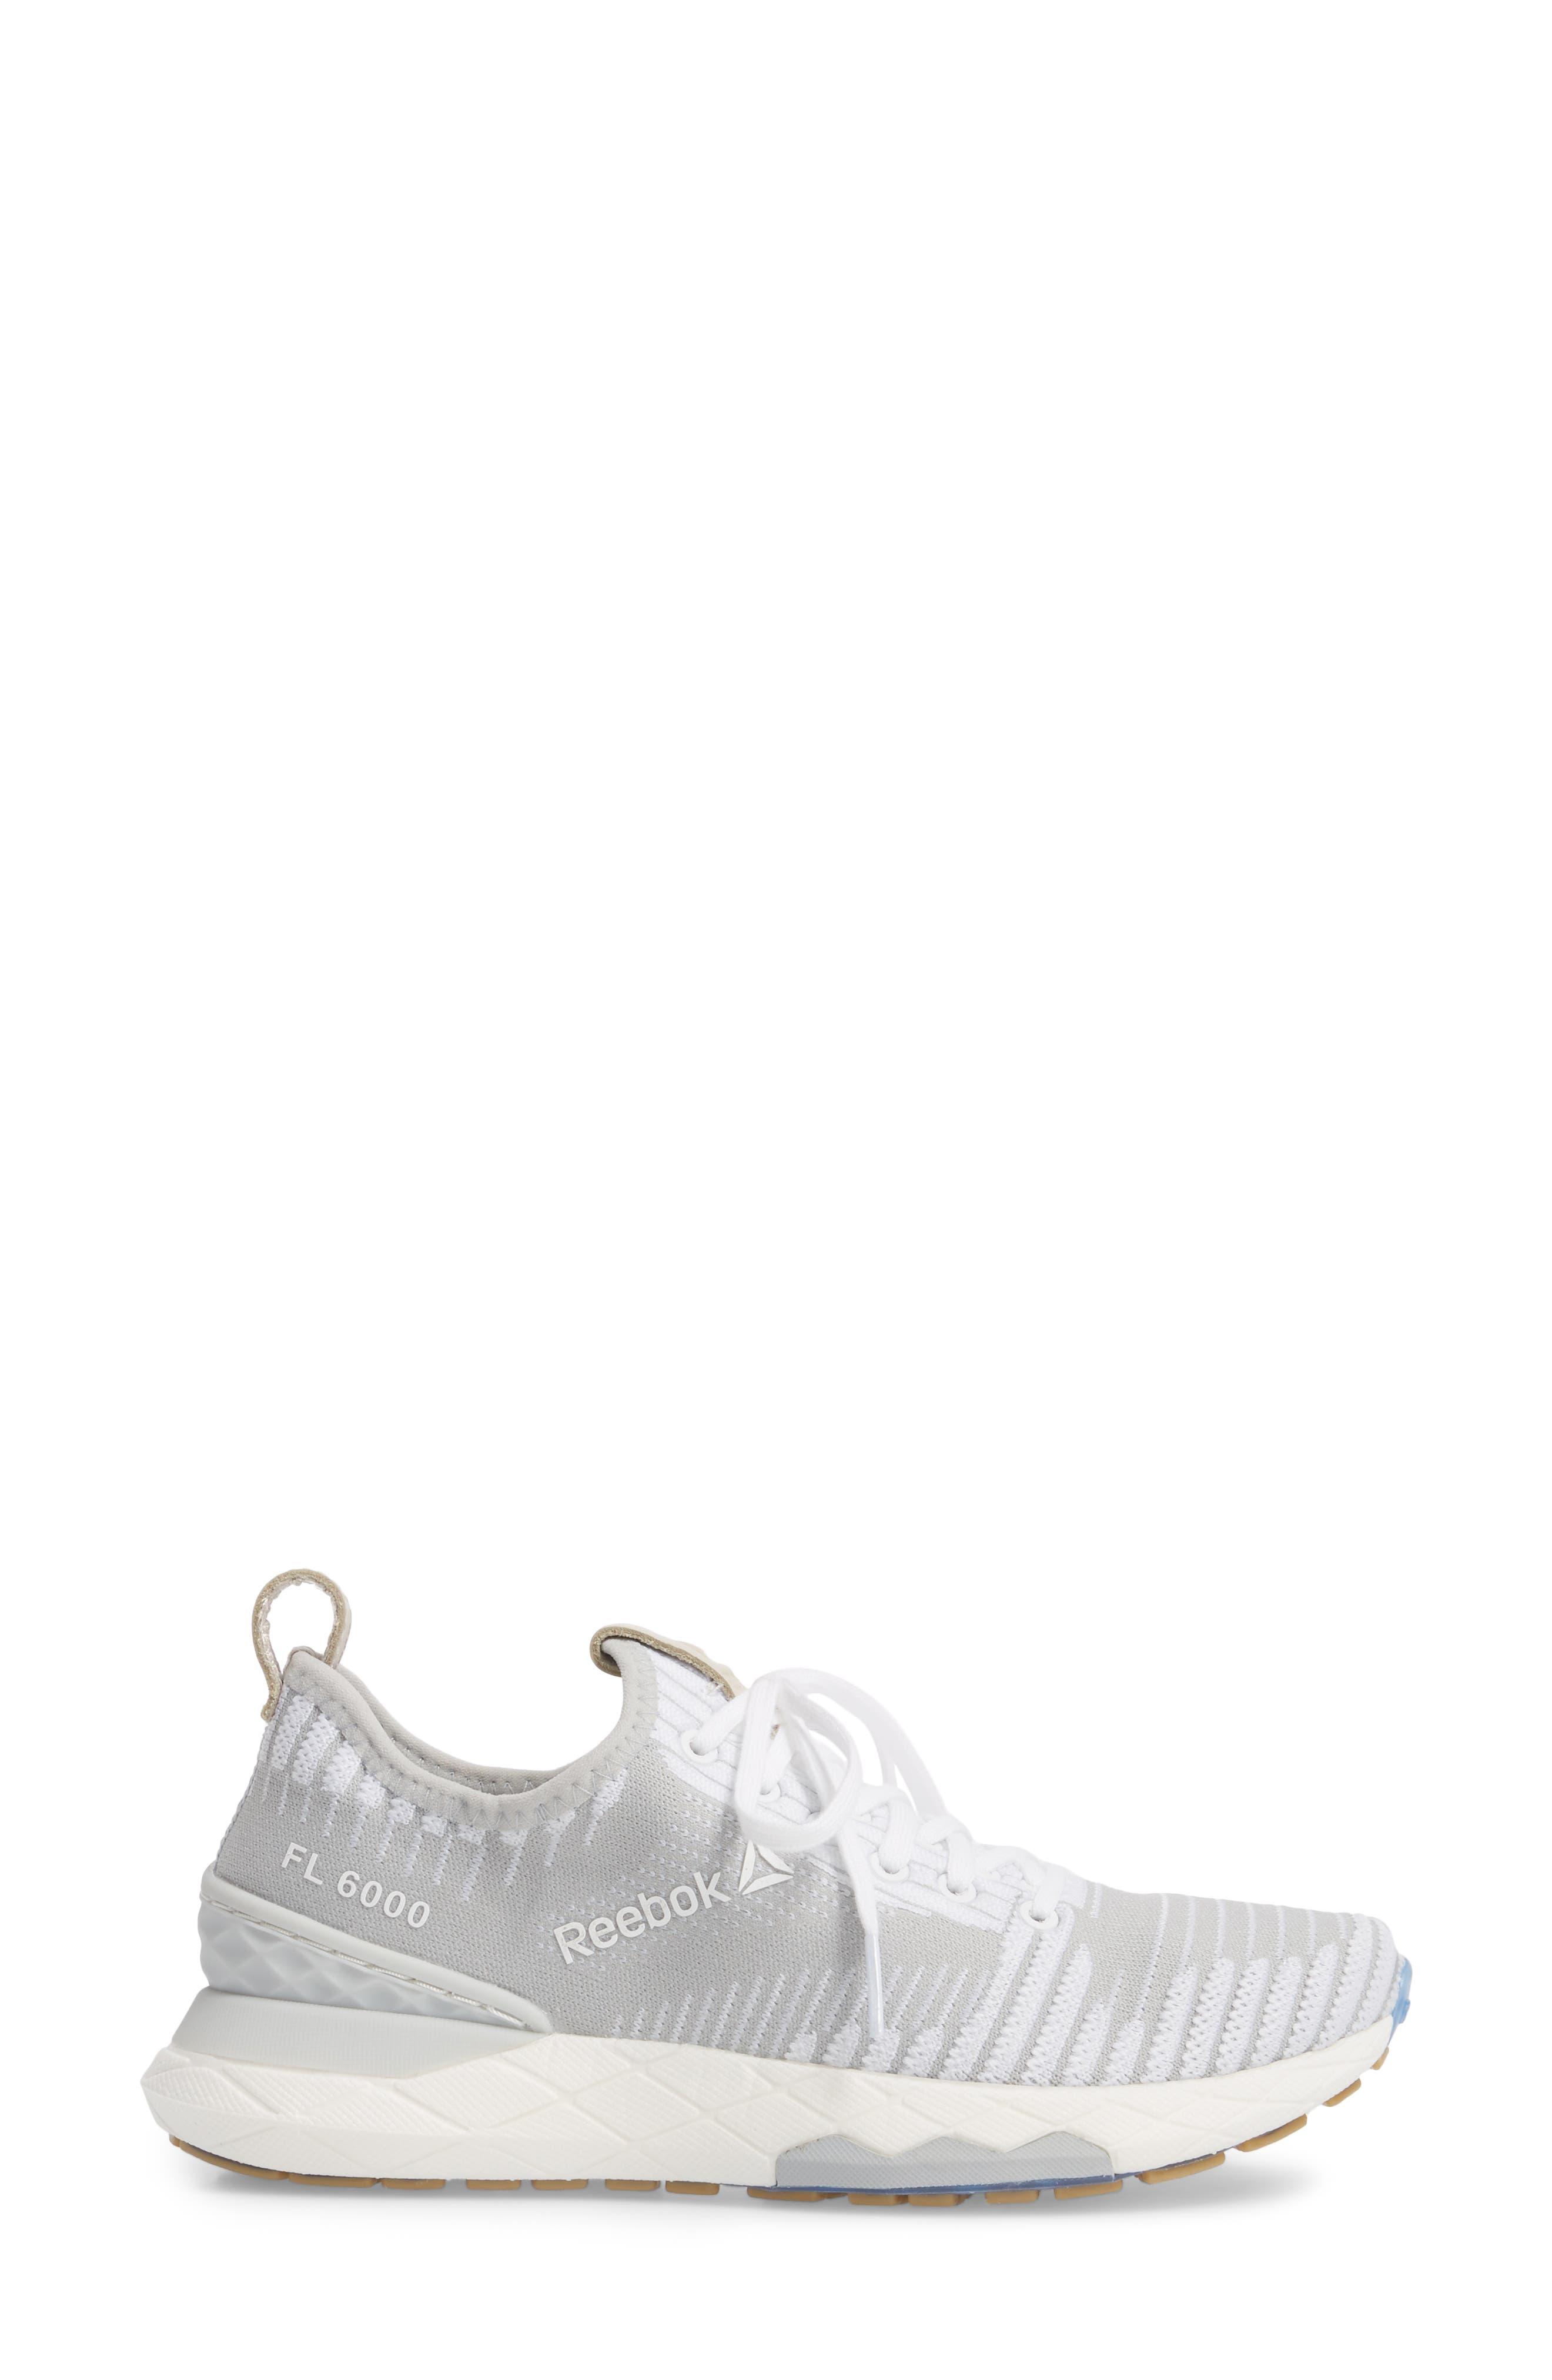 Floatride 6000 Running Shoe,                             Alternate thumbnail 3, color,                             White/ Skull Grey